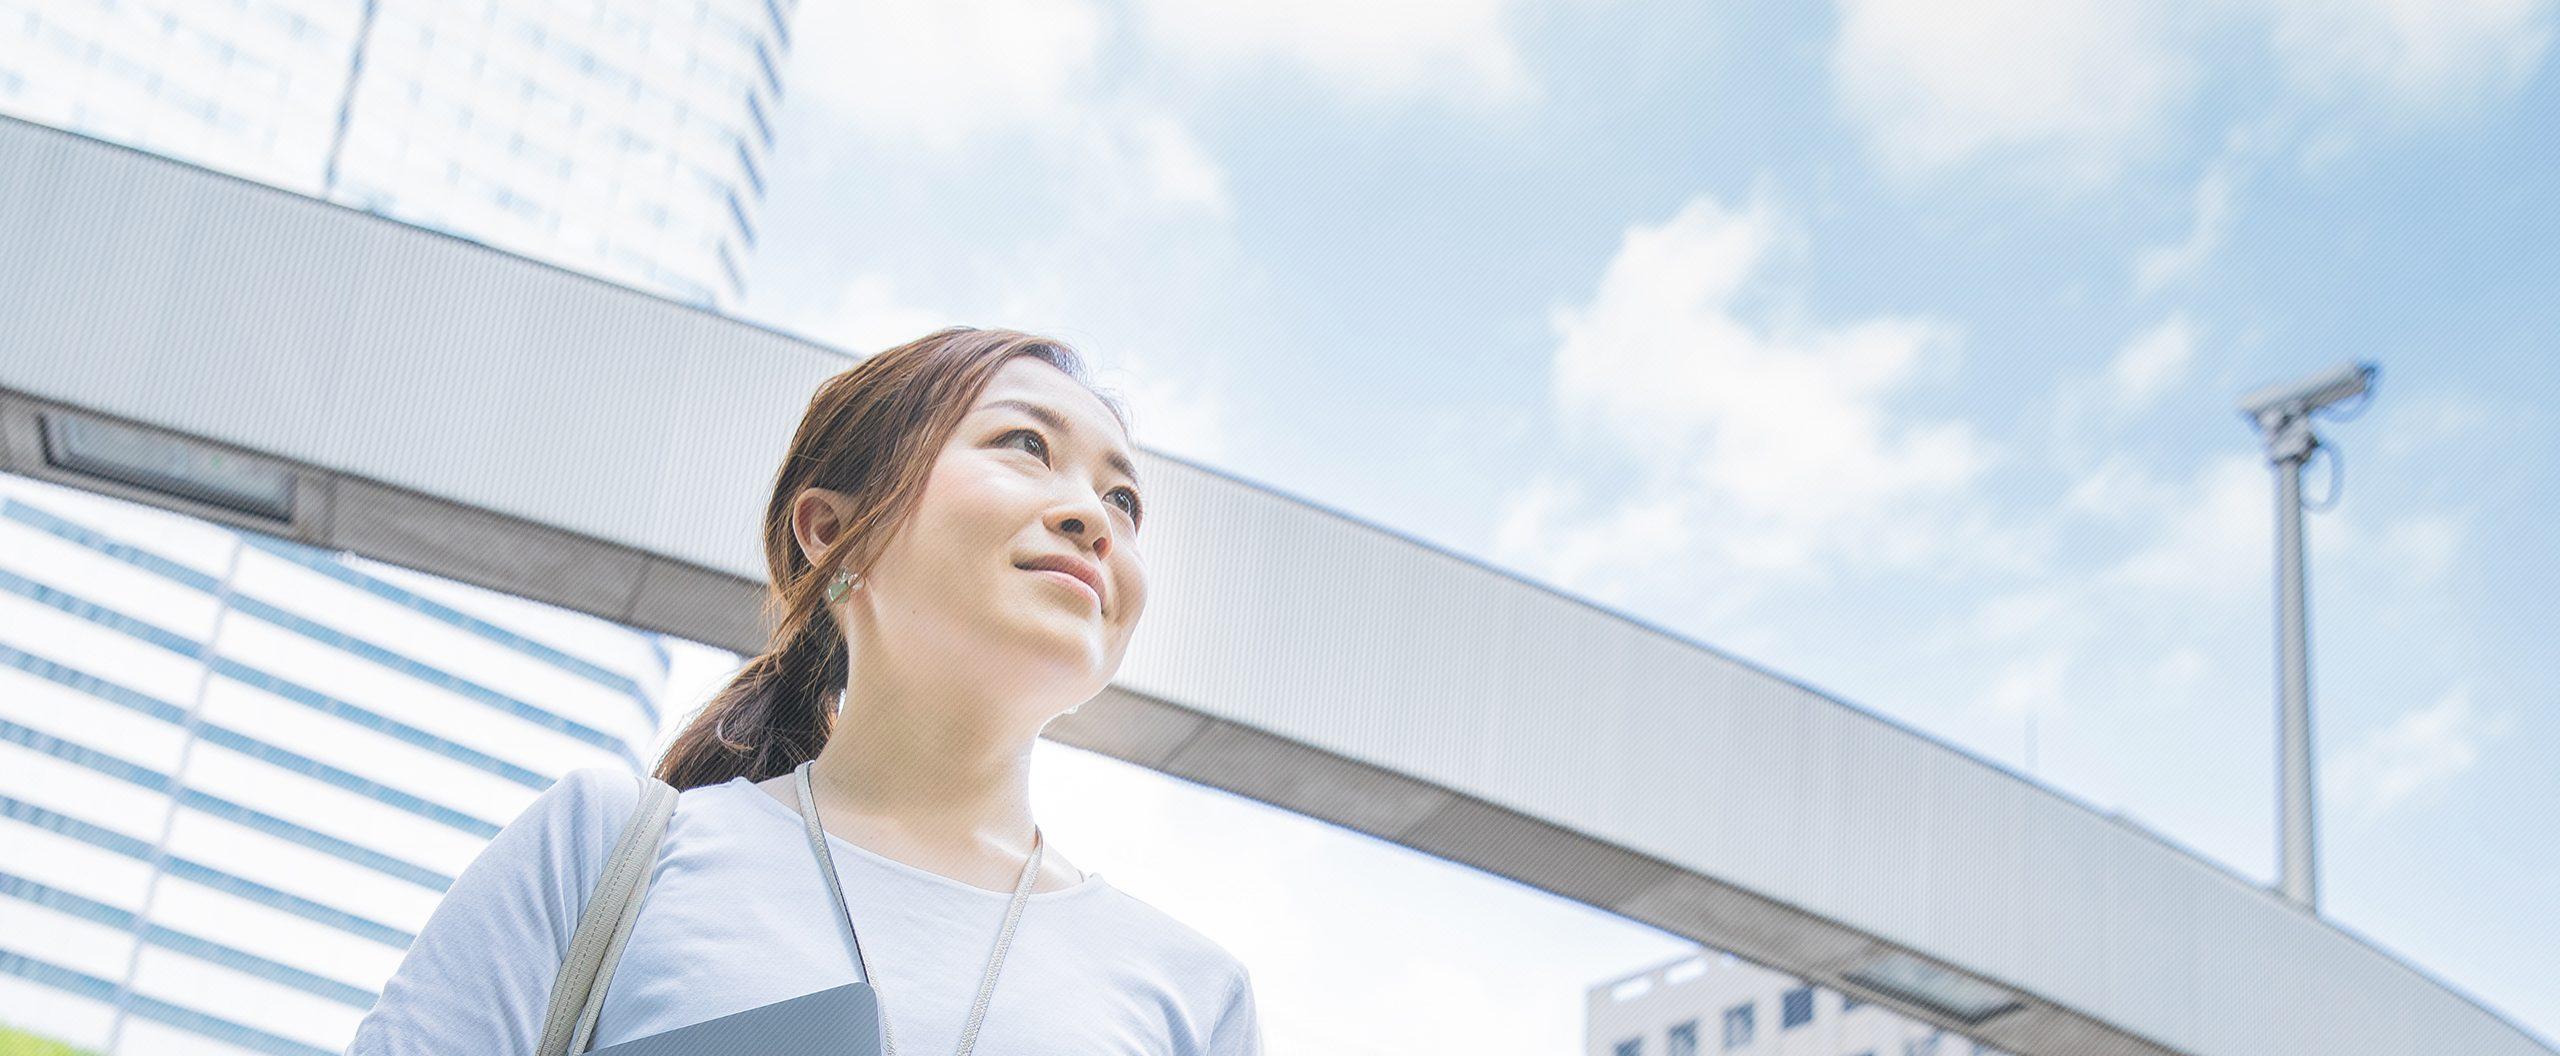 経営のお役立ちパートナー 渋谷社会保険労務士事務所